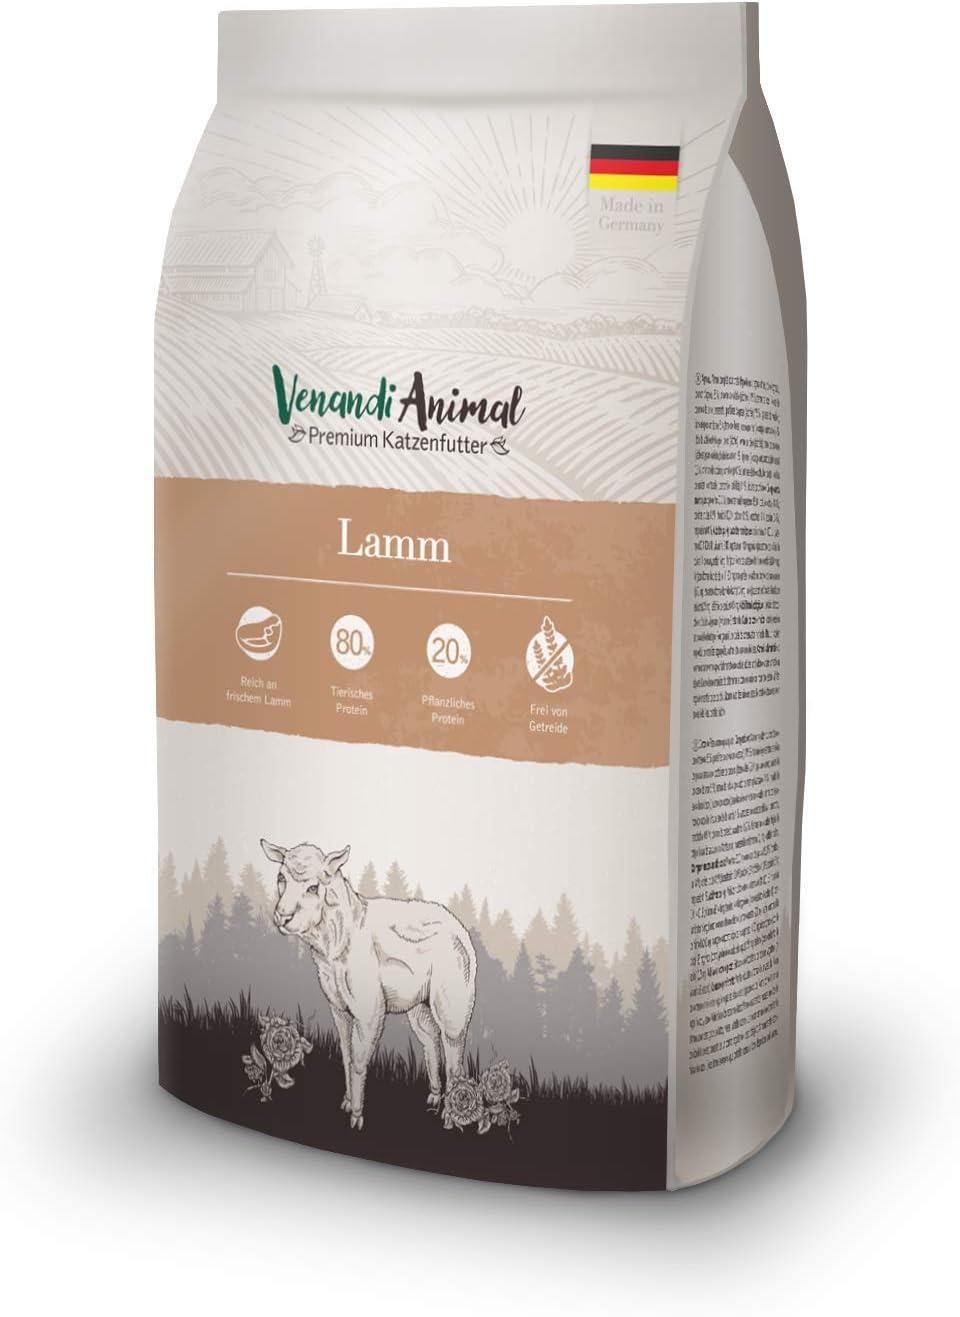 Venandi Animal - pienso seco para Gatos - Cordero como pienso seco - Completamente Libre de Cereales - 1,5 kg